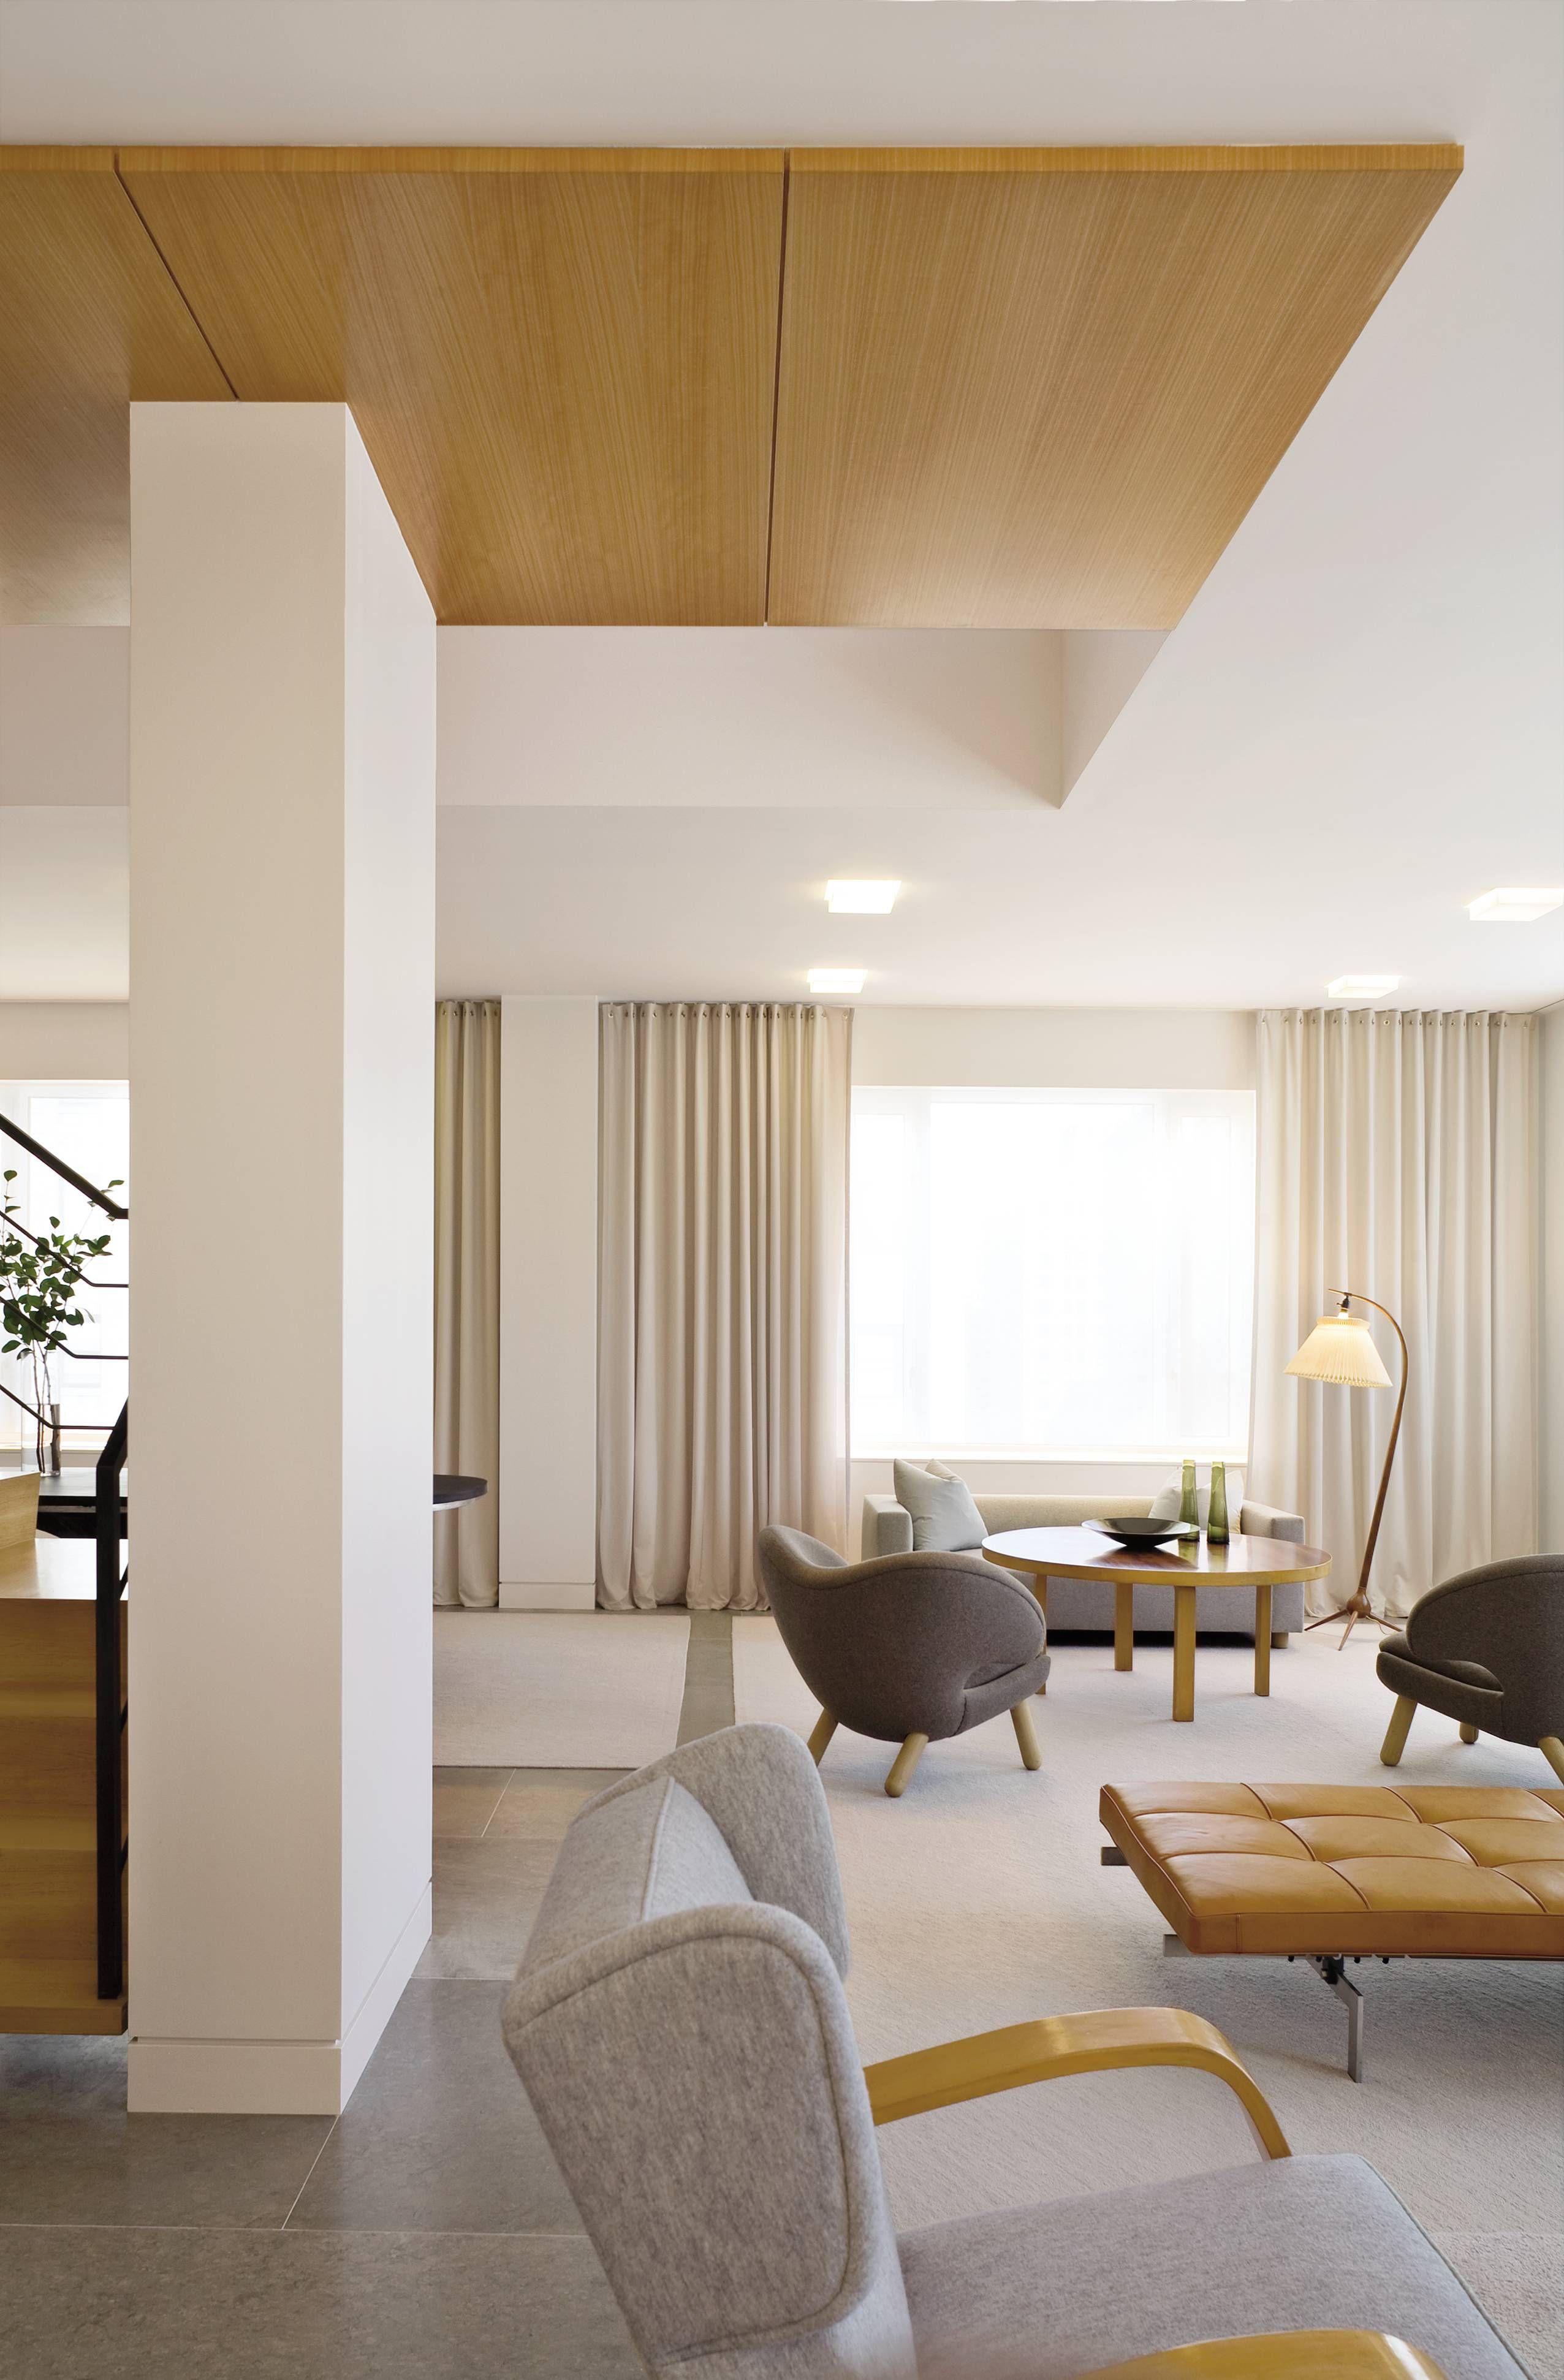 Alvar aalto house interior curatenia este usor de intretinut atunci cand folosesti produse